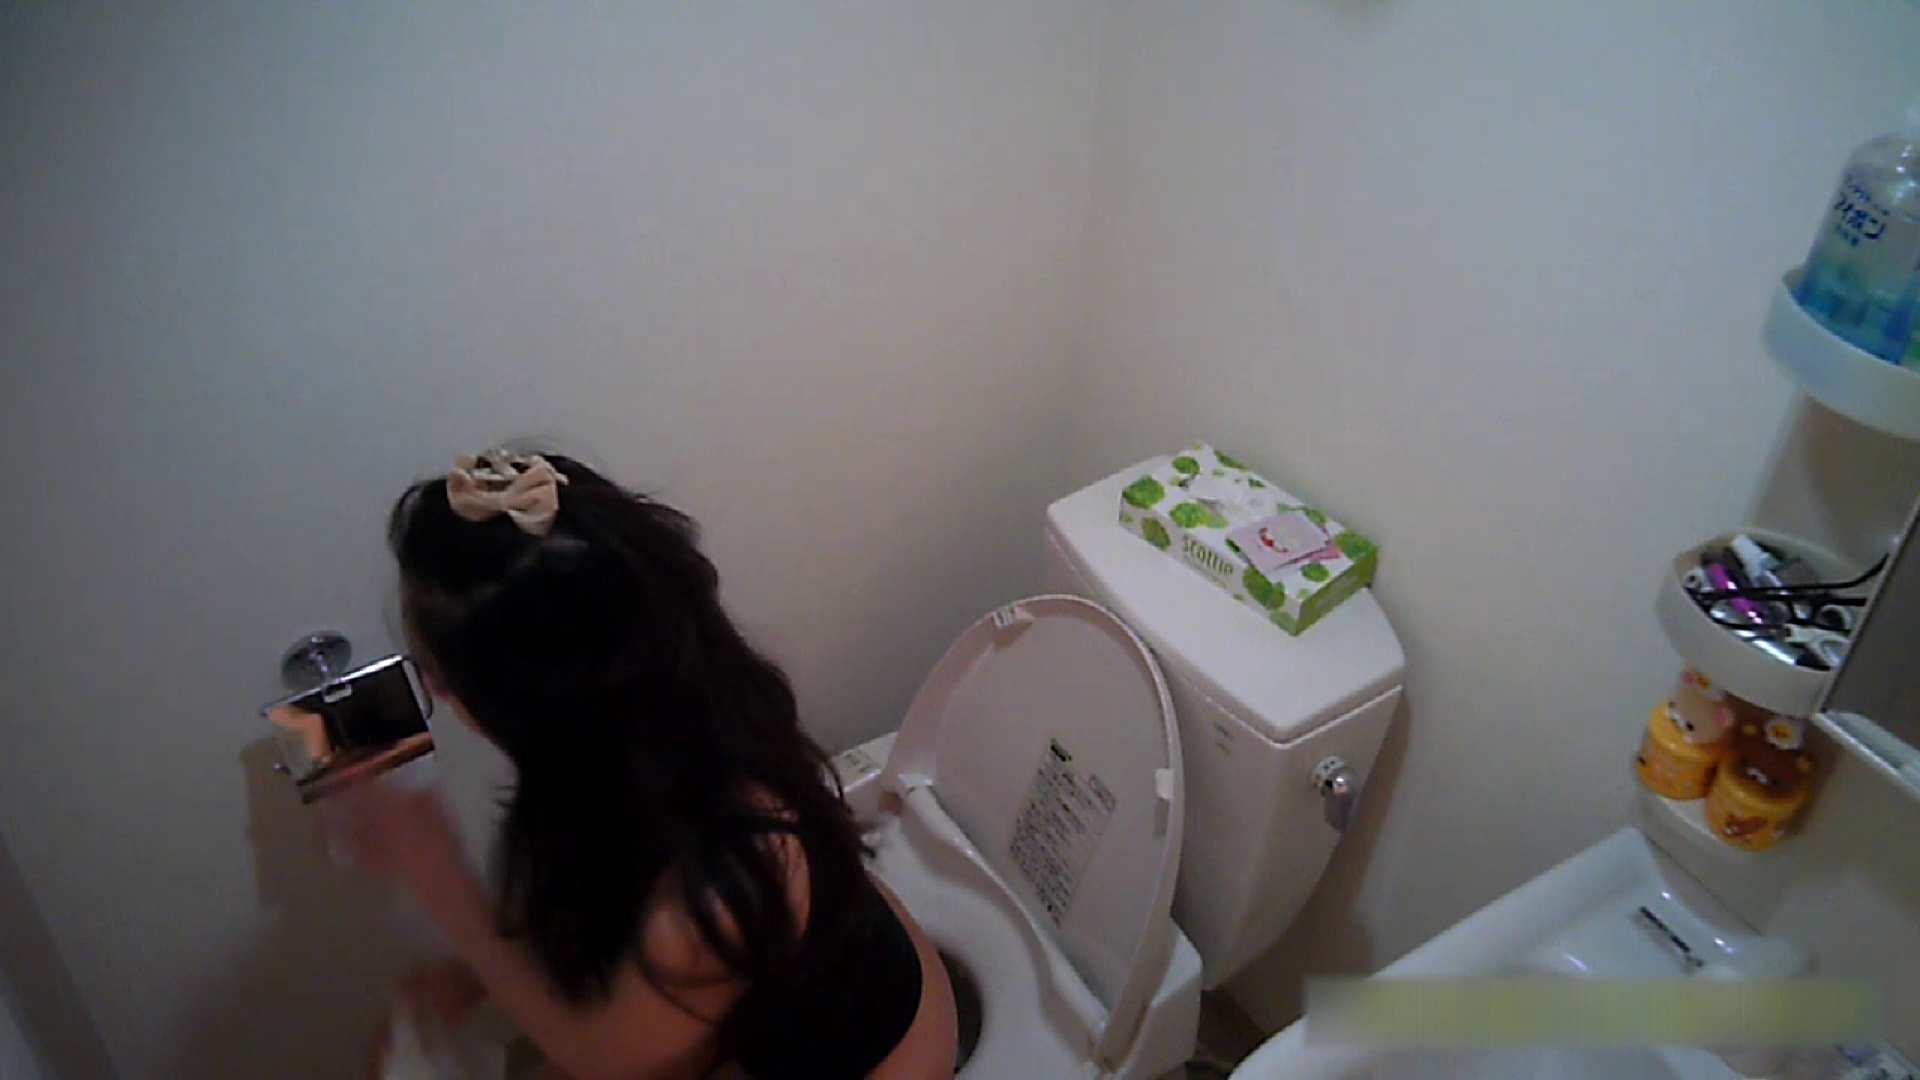 清楚な顔してかなり敏感なE子25歳(仮名)Vol.05 裸でトイレ編 お姉さんのSEX セックス画像 90枚 58